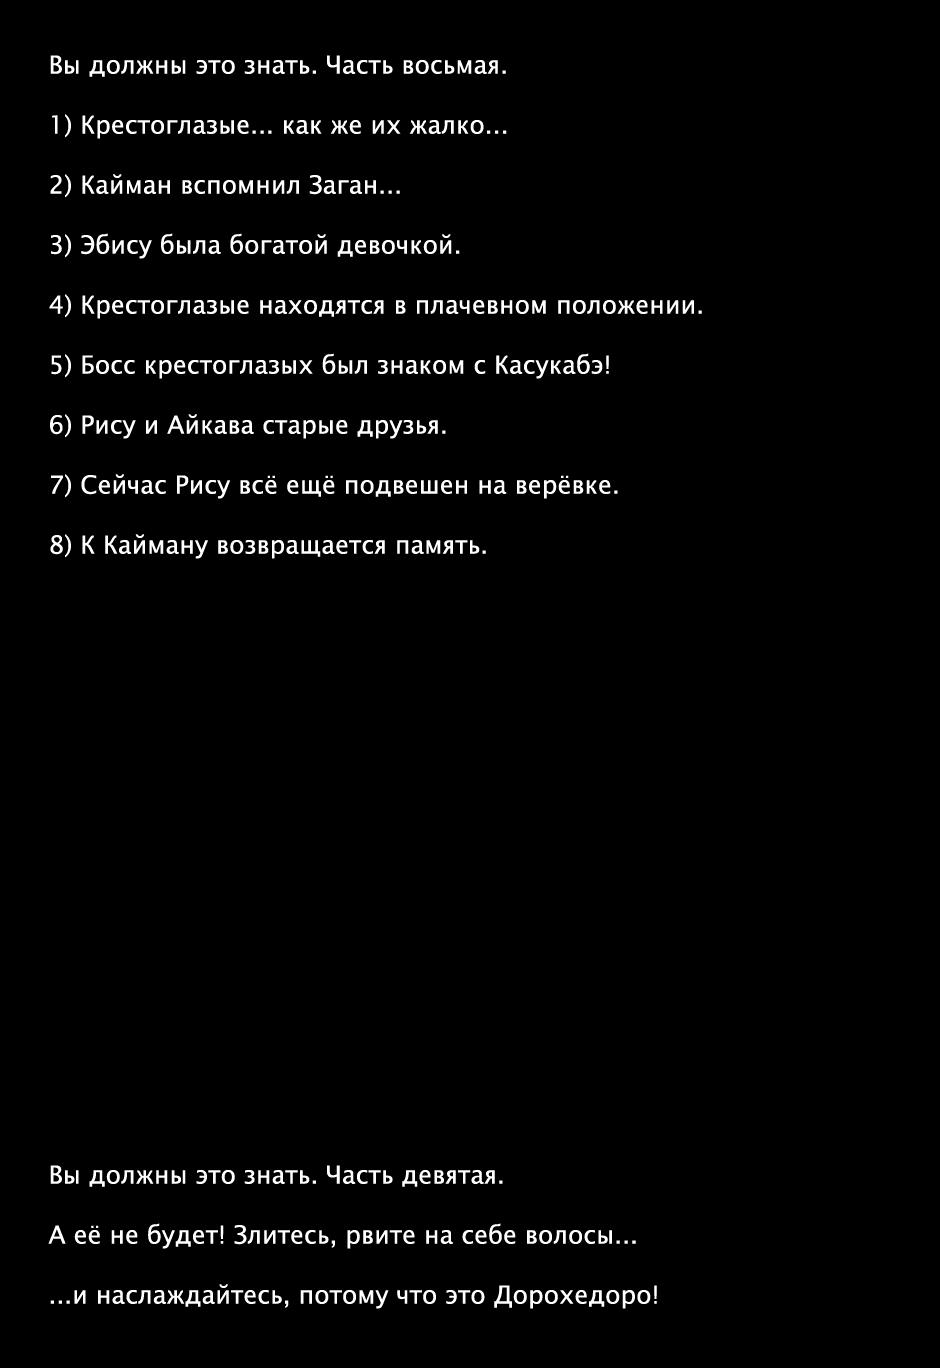 Манга Дорохедоро / Dorohedoro - Том 8 Страница 12